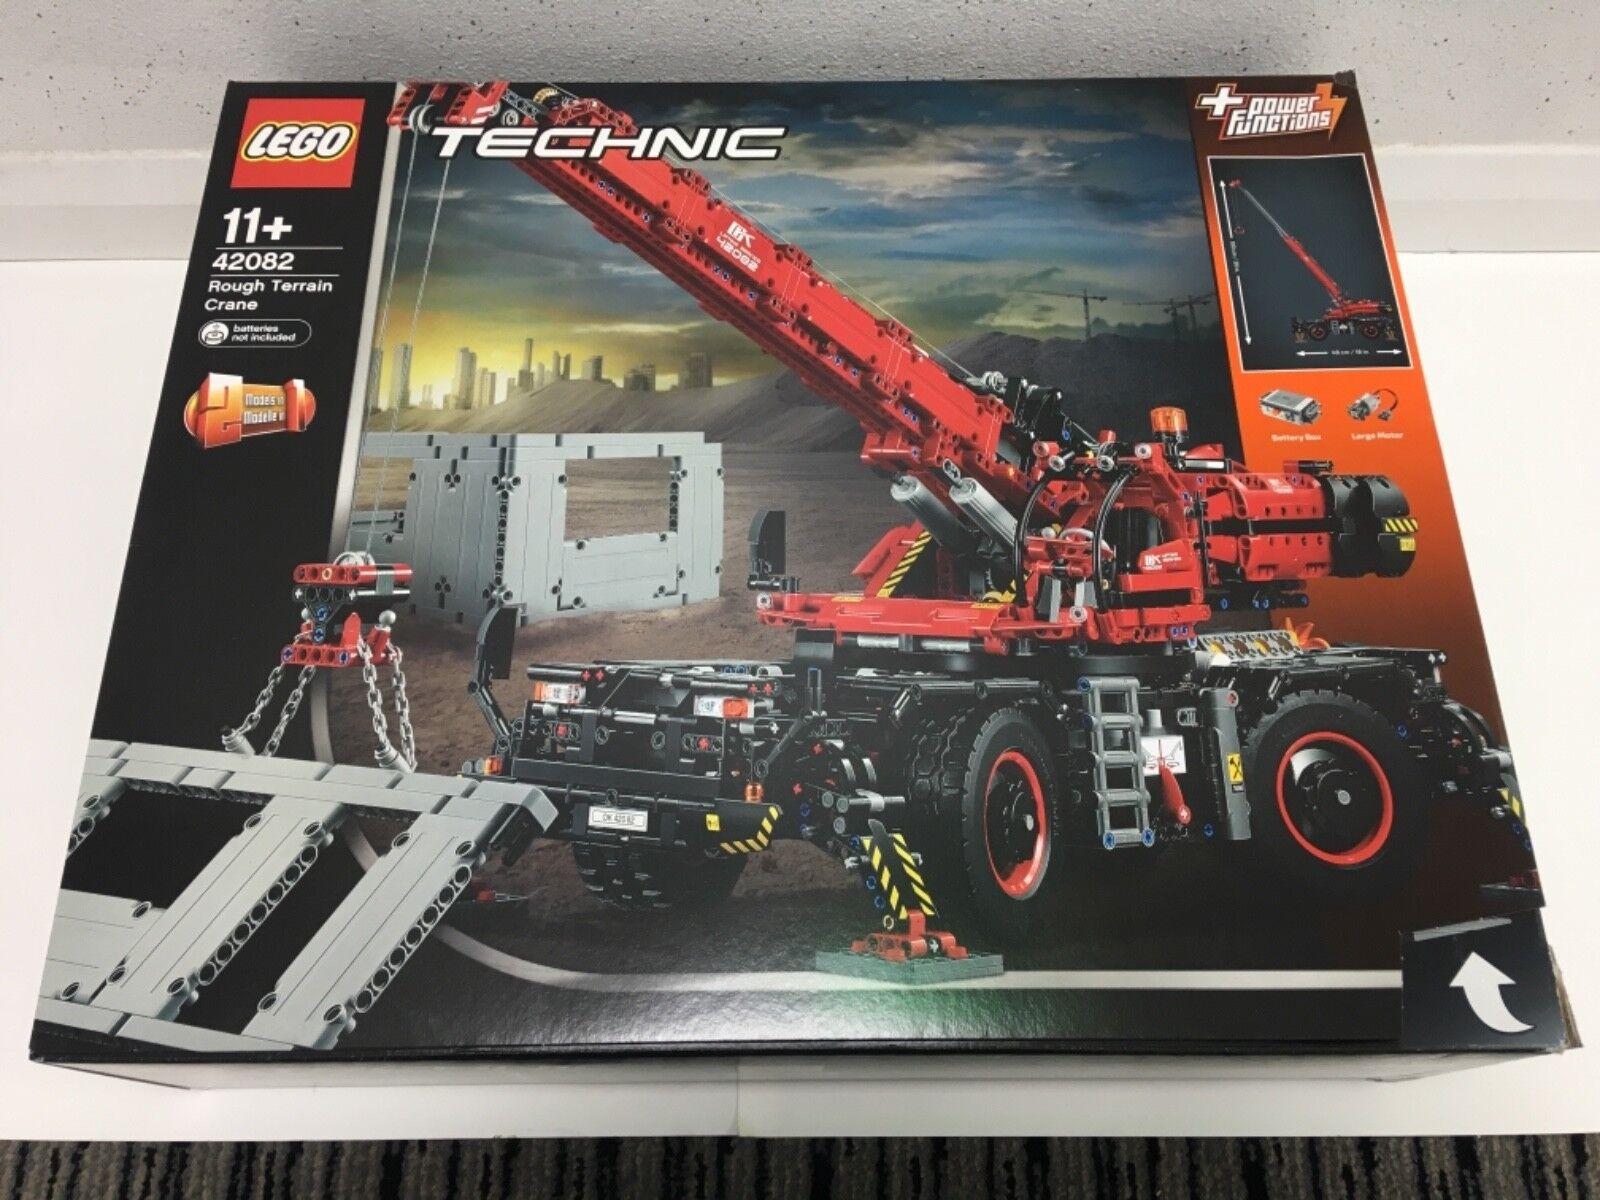 Technic Rough Terrain 42082 New Sealed Crane Lego Nbmvun6450